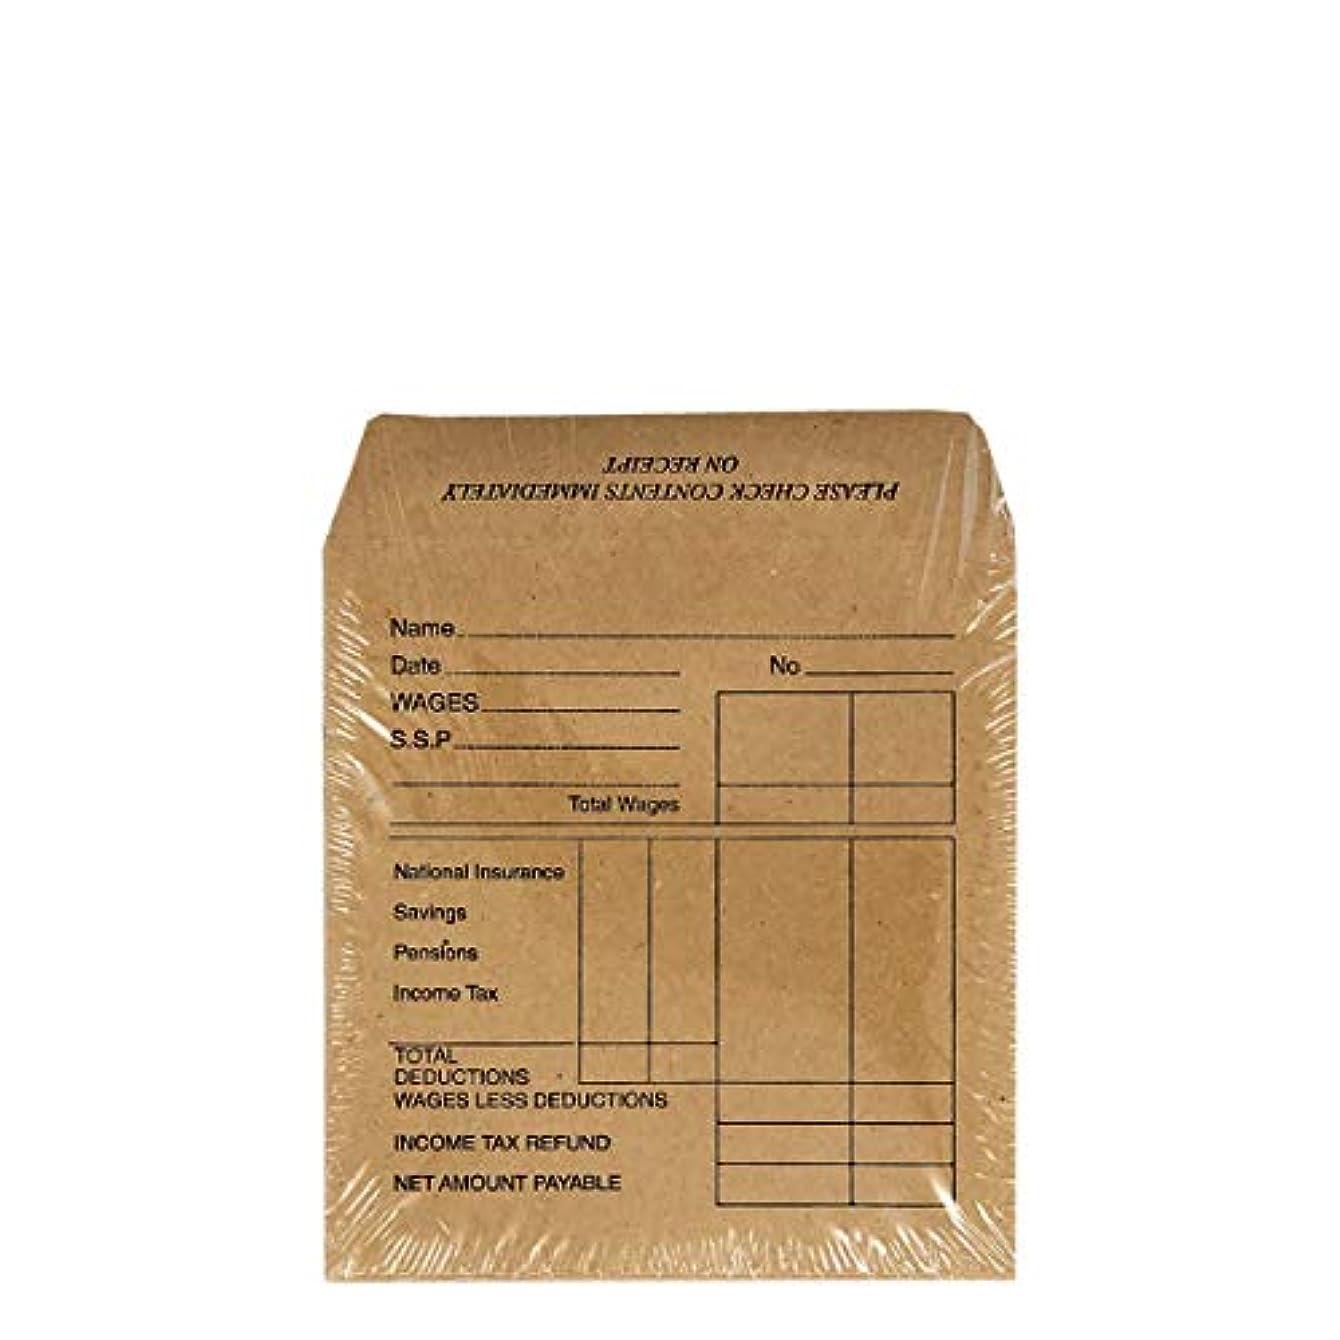 集団的救出異なるアジェンダ サロンコンセプト 賃金支払い 封筒 50[海外直送品] [並行輸入品]